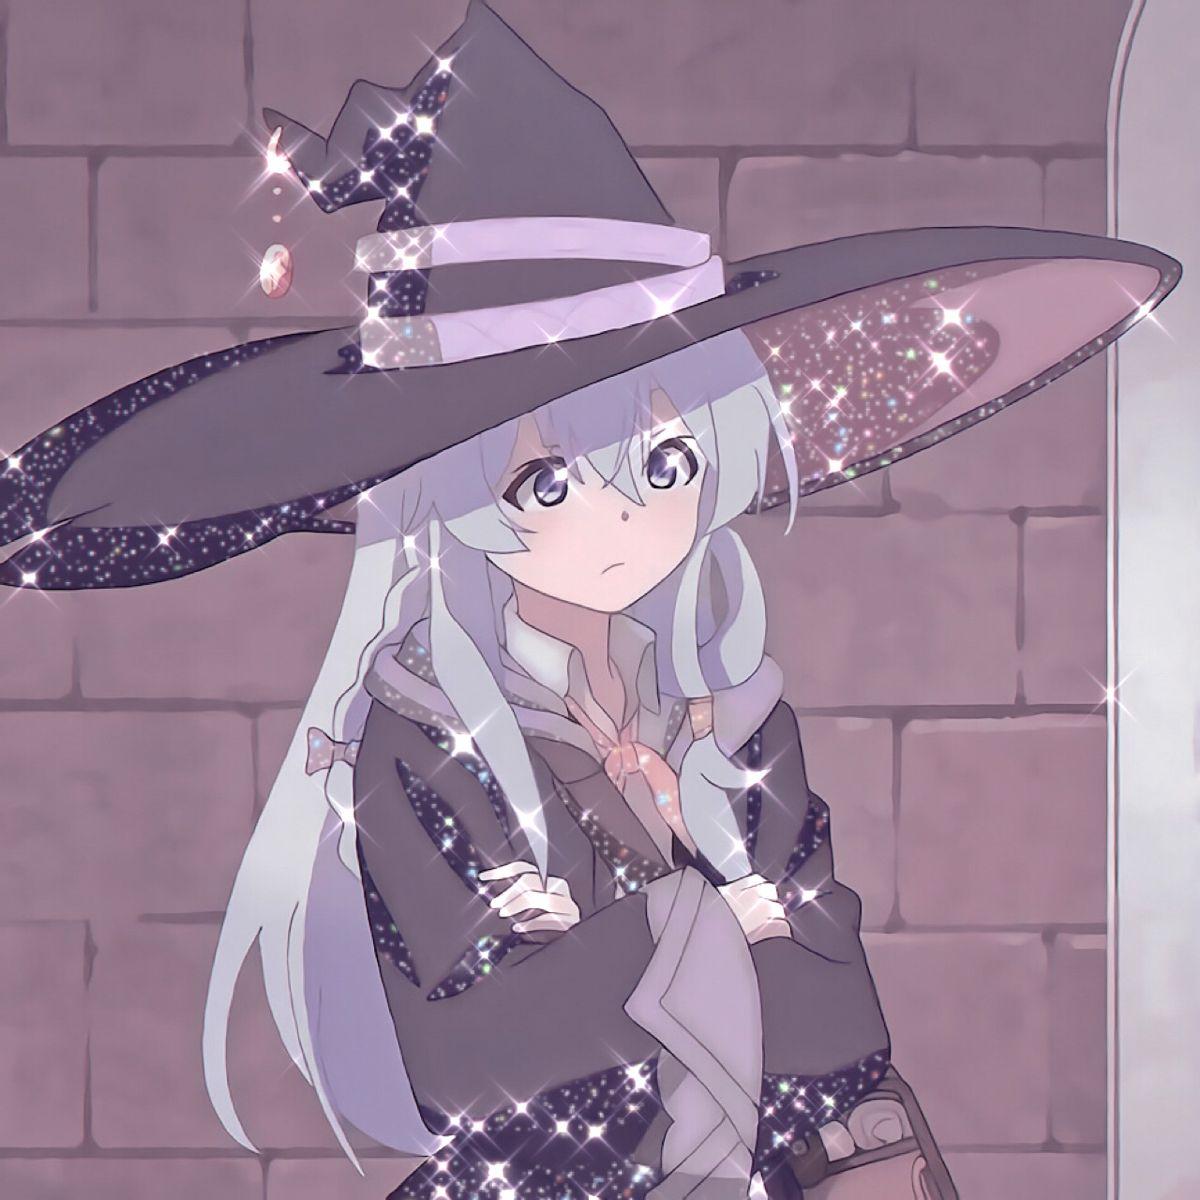 Majo No Tabitabi Elaina Icon Gadis Animasi Gambar Karakter Animasi 3d Elaina majo no tabitabi wallpaper